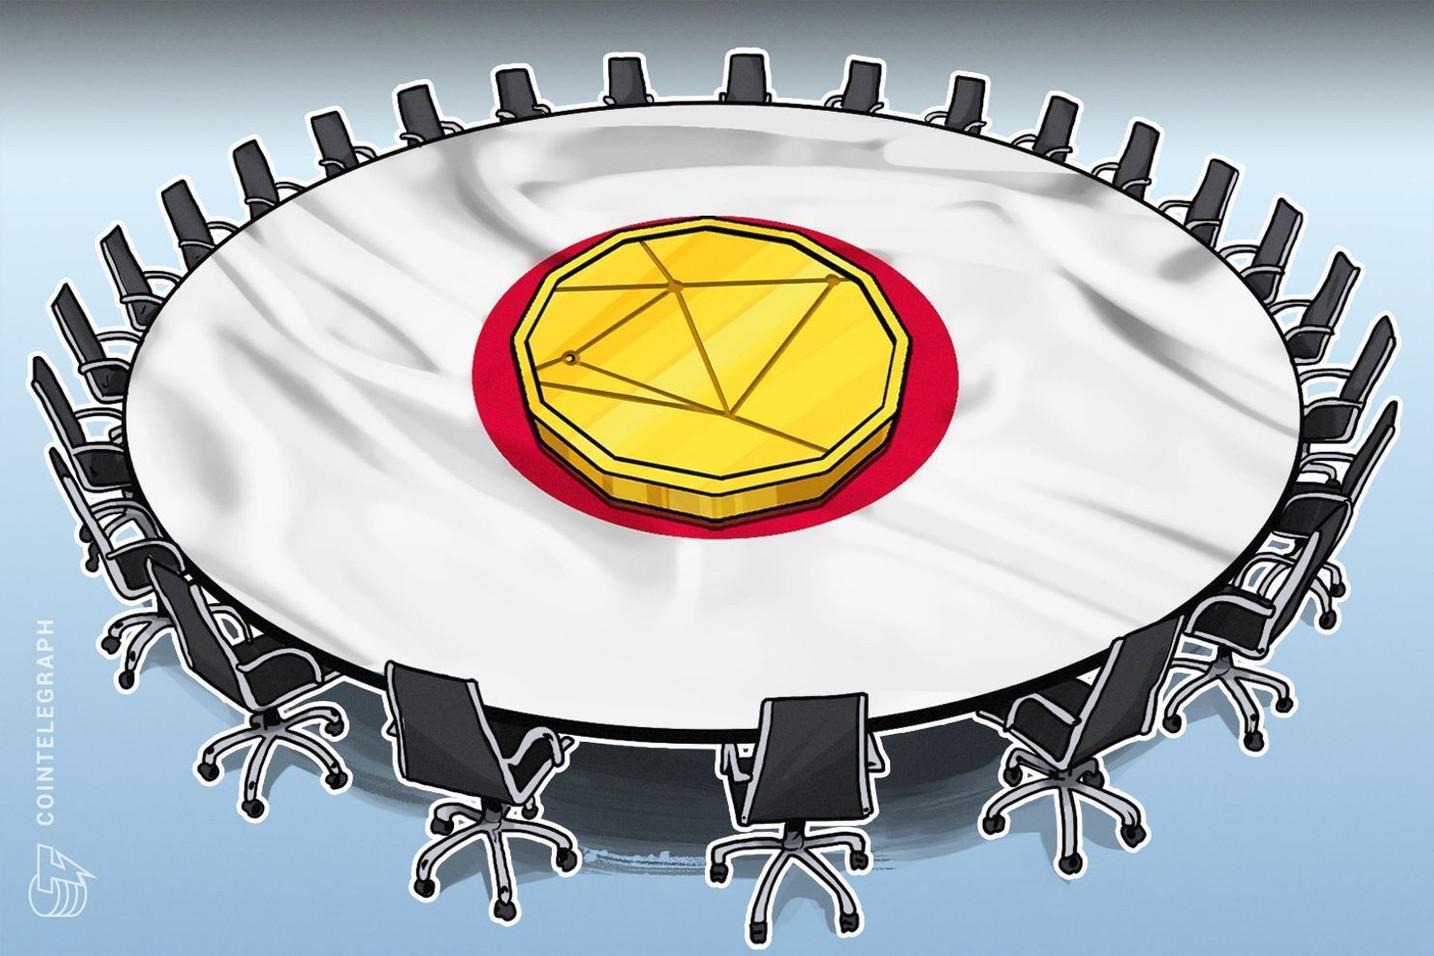 マネロン対策に仮想通貨交換業者登録制 G20の主要論点